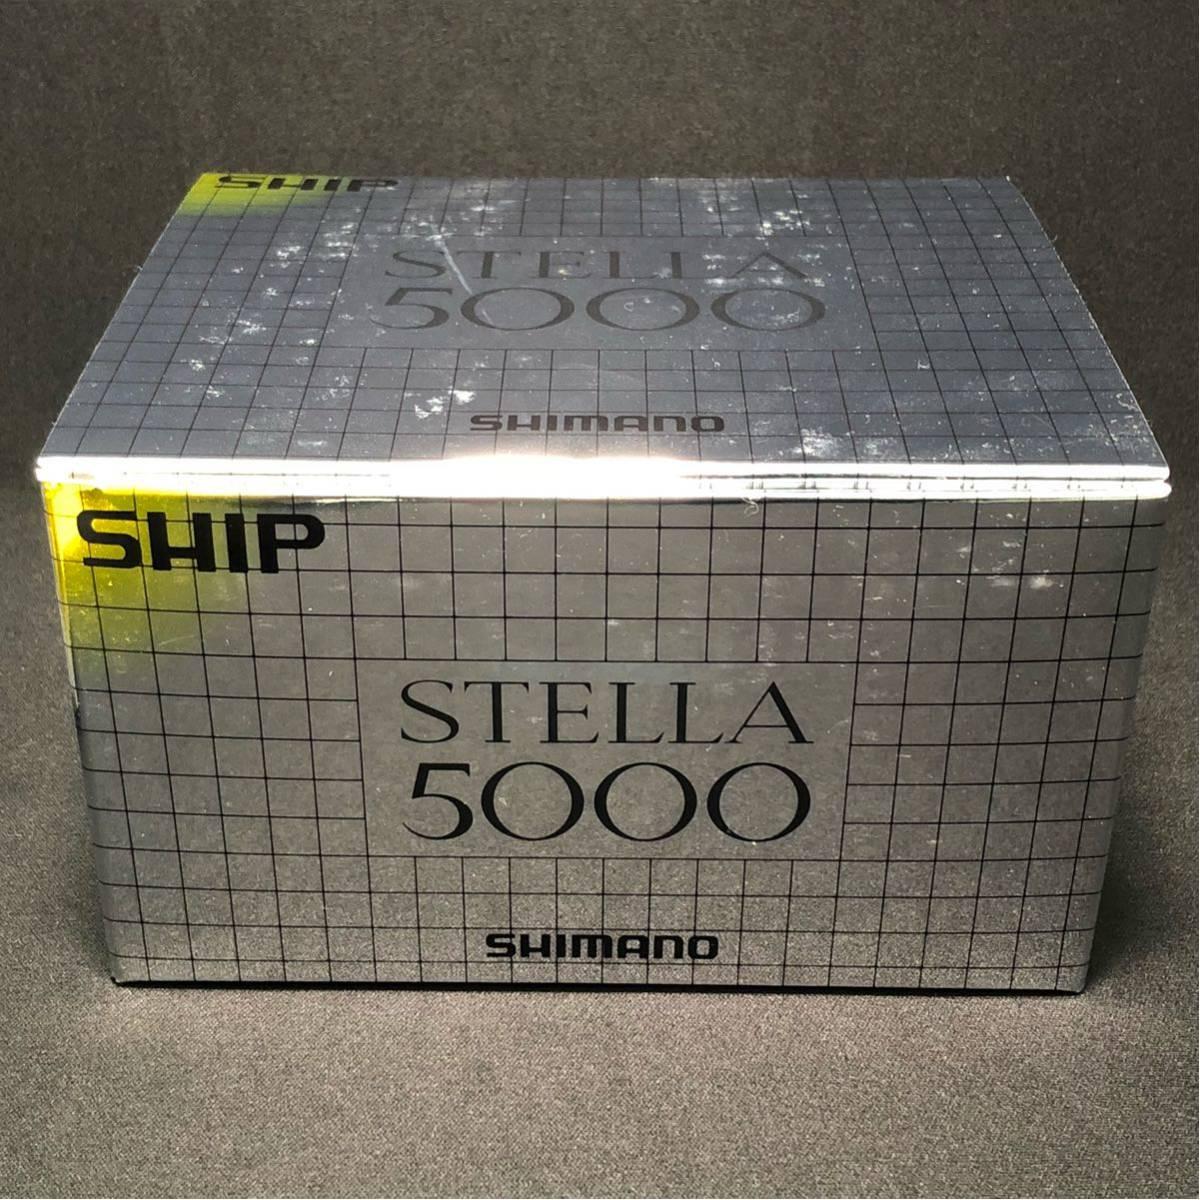 【希少】新品未使用 95ステラ5000 送料無料 1円スタート_画像3